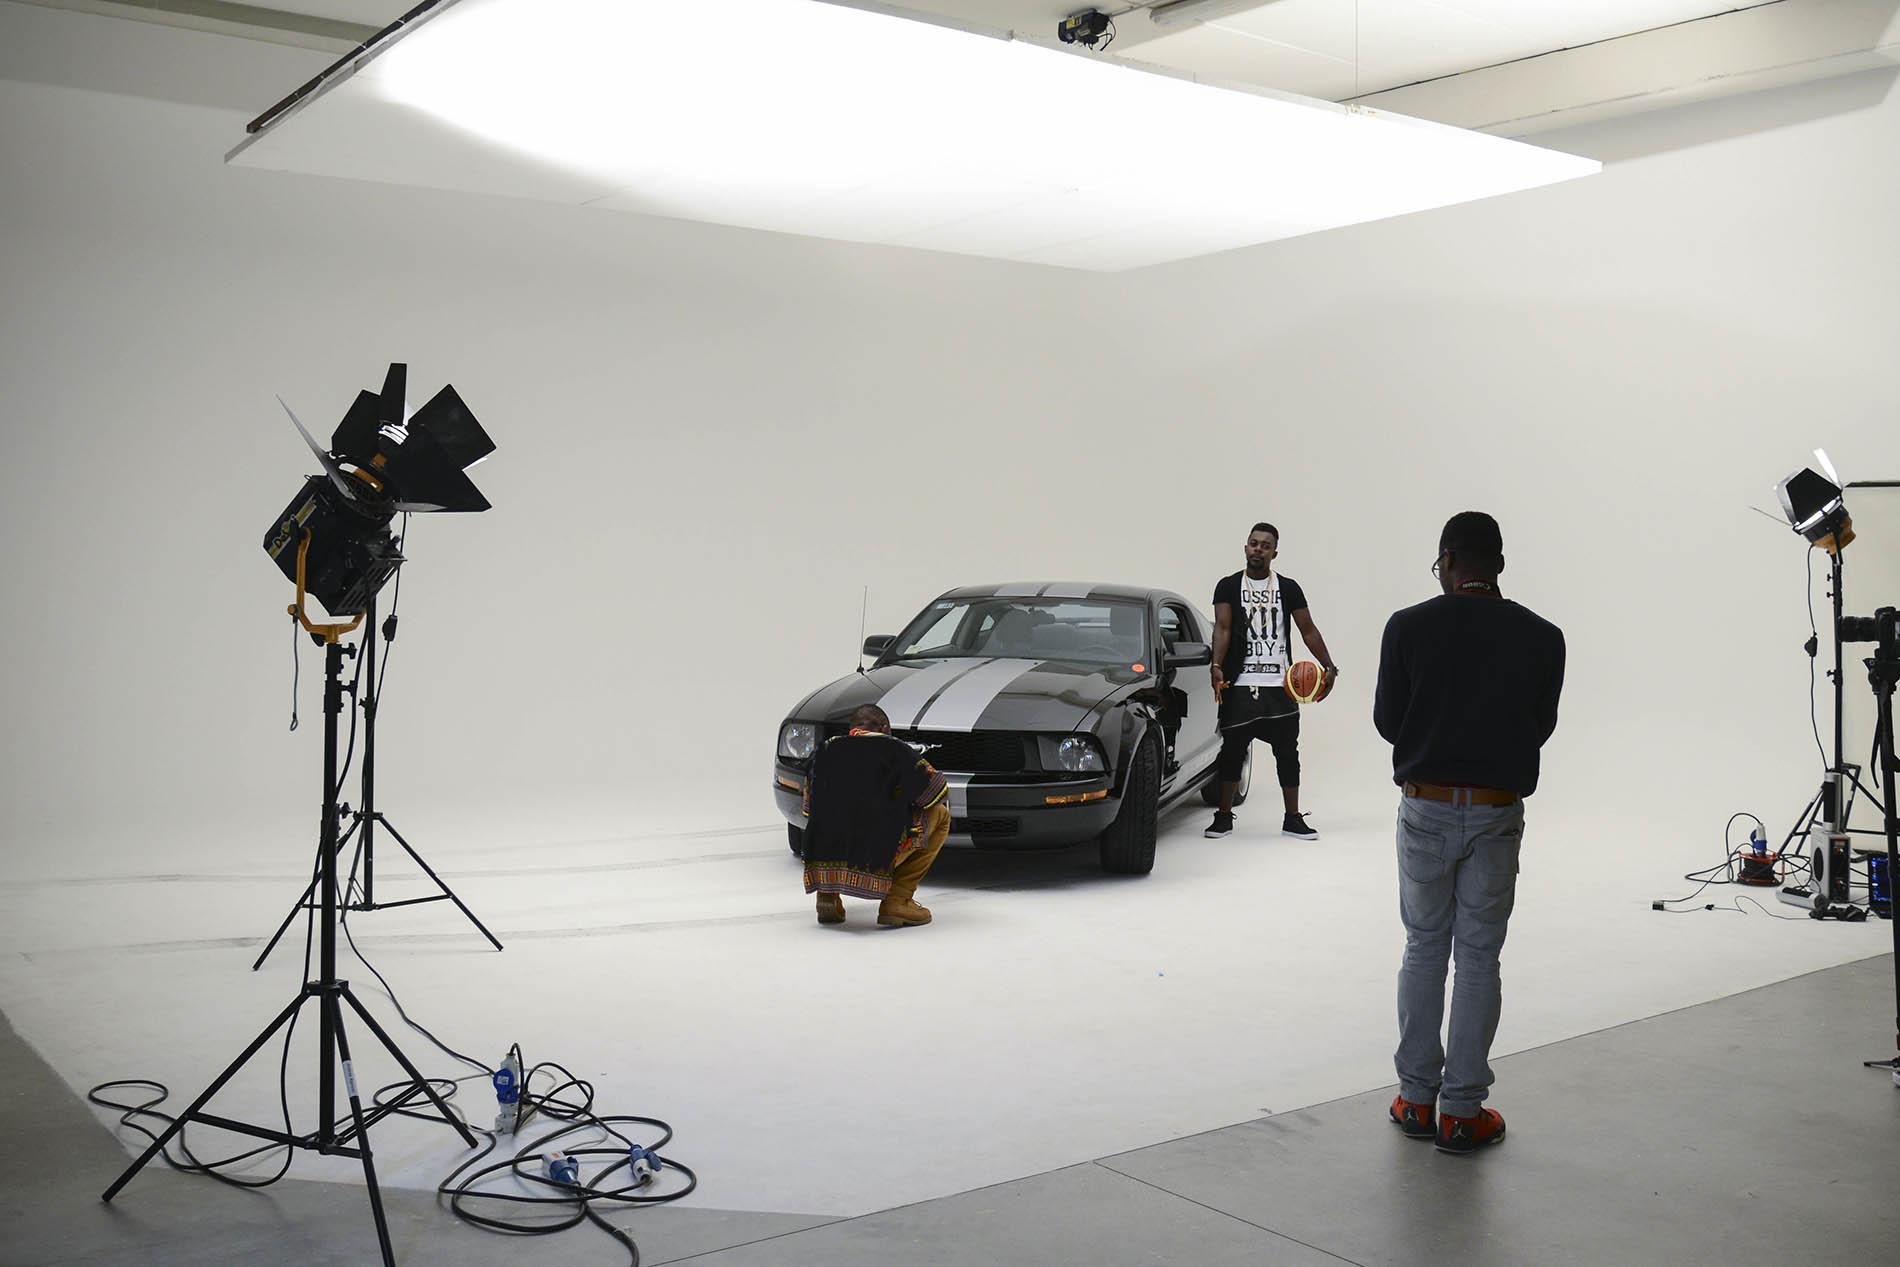 backstage studio fotografico brescia auto